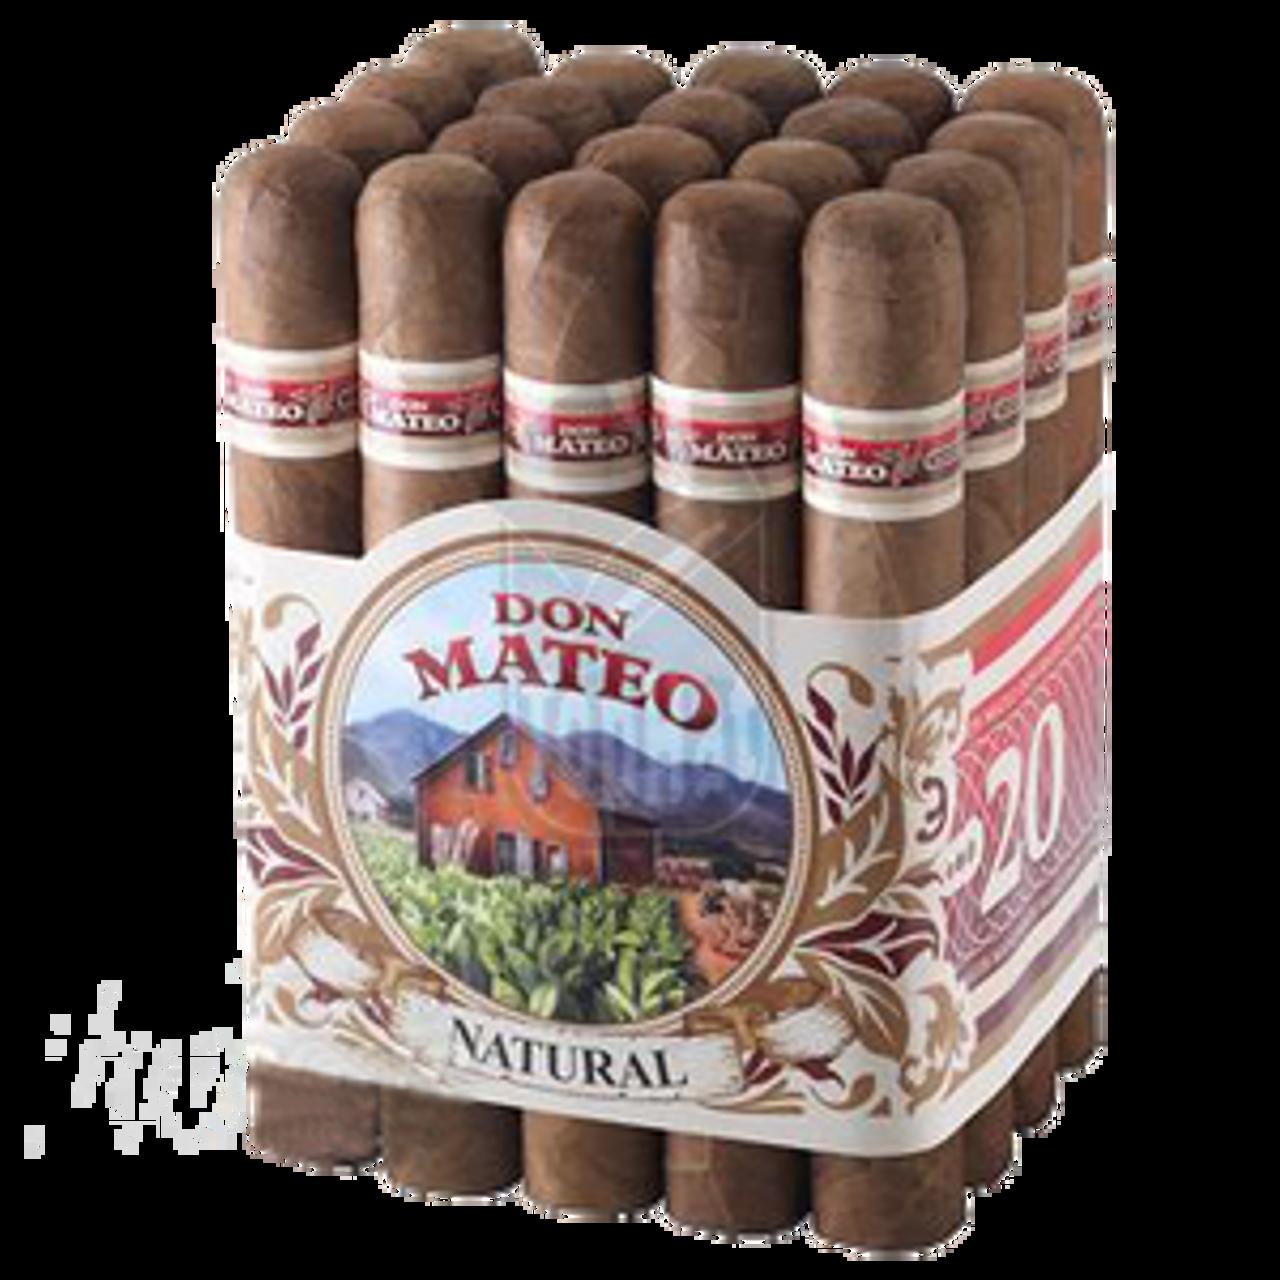 Don Mateo #5 Natural Cigars - 6.62 x 44 (Bundle of 20)